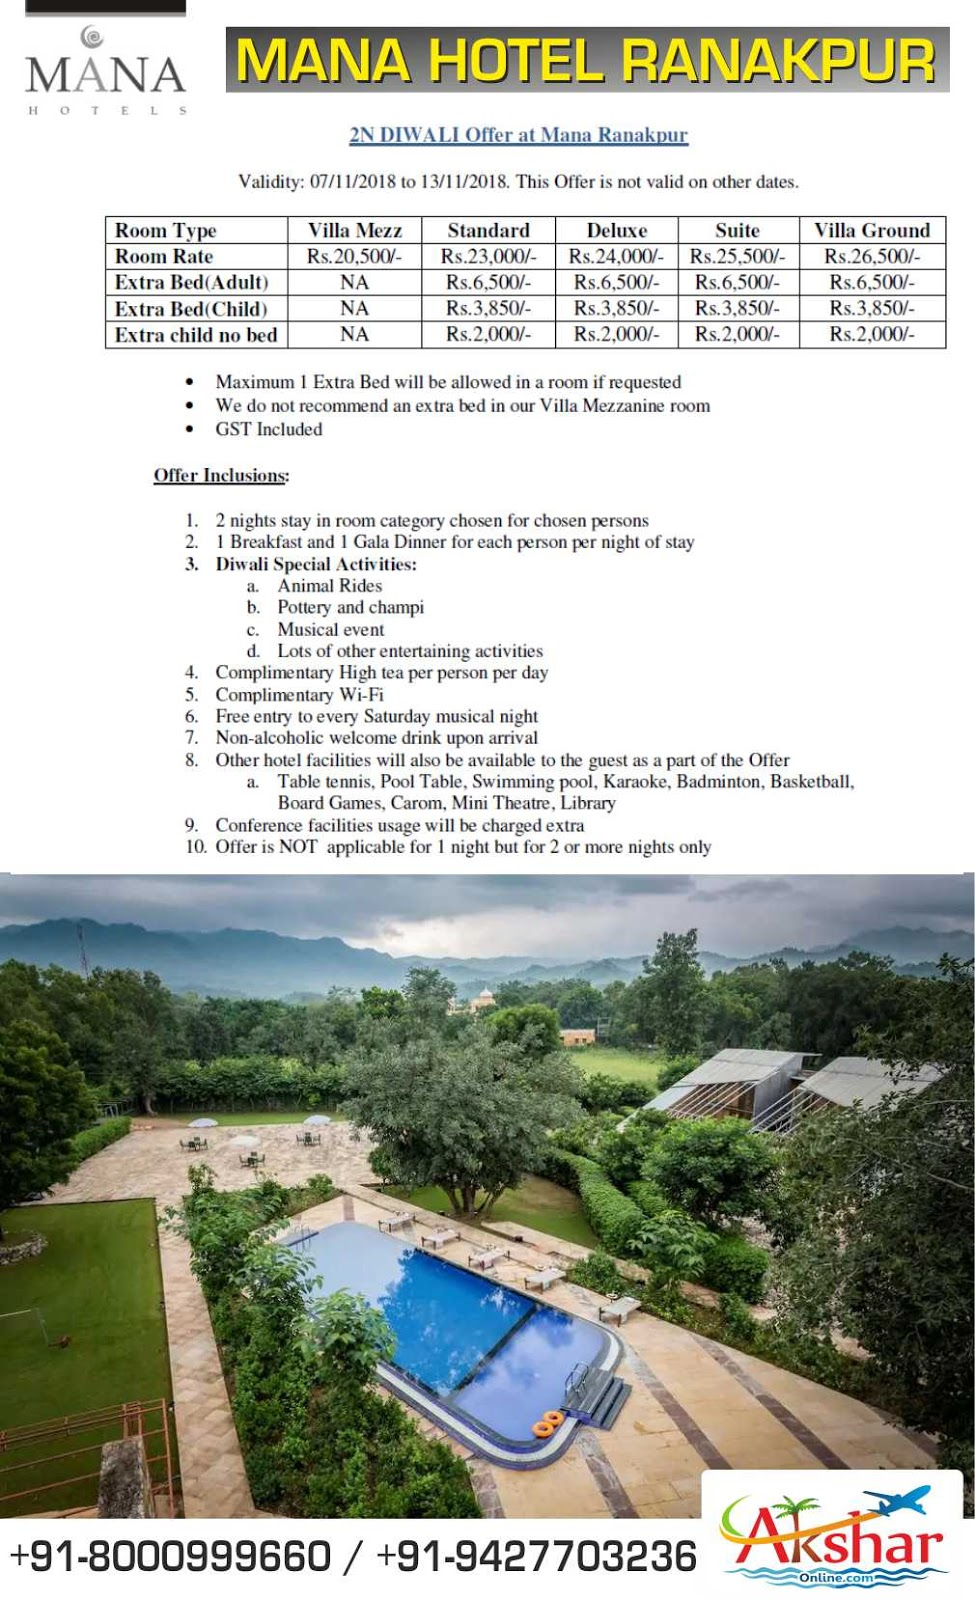 mana hotel ranakpur diwali rates, mana ranakpur reservation, booking. akshar infocom, aksharonline.com, akshar travel services, 9427703236, 8000999660